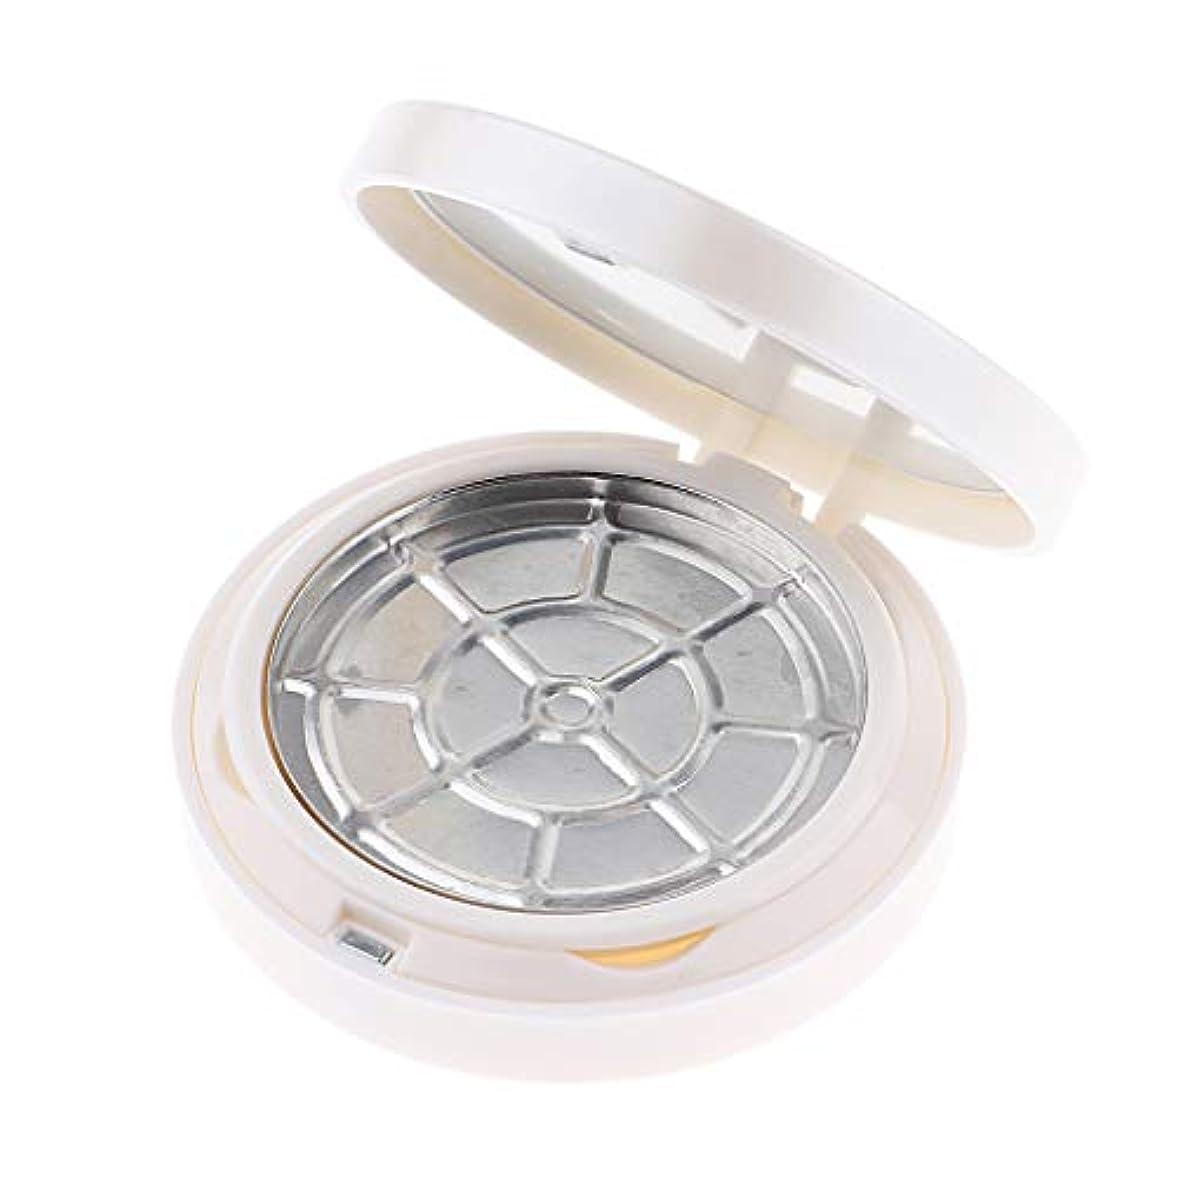 数学的なまた航空パウダーケース アルミ皿 空箱 化粧品容器 2色選べ - 白